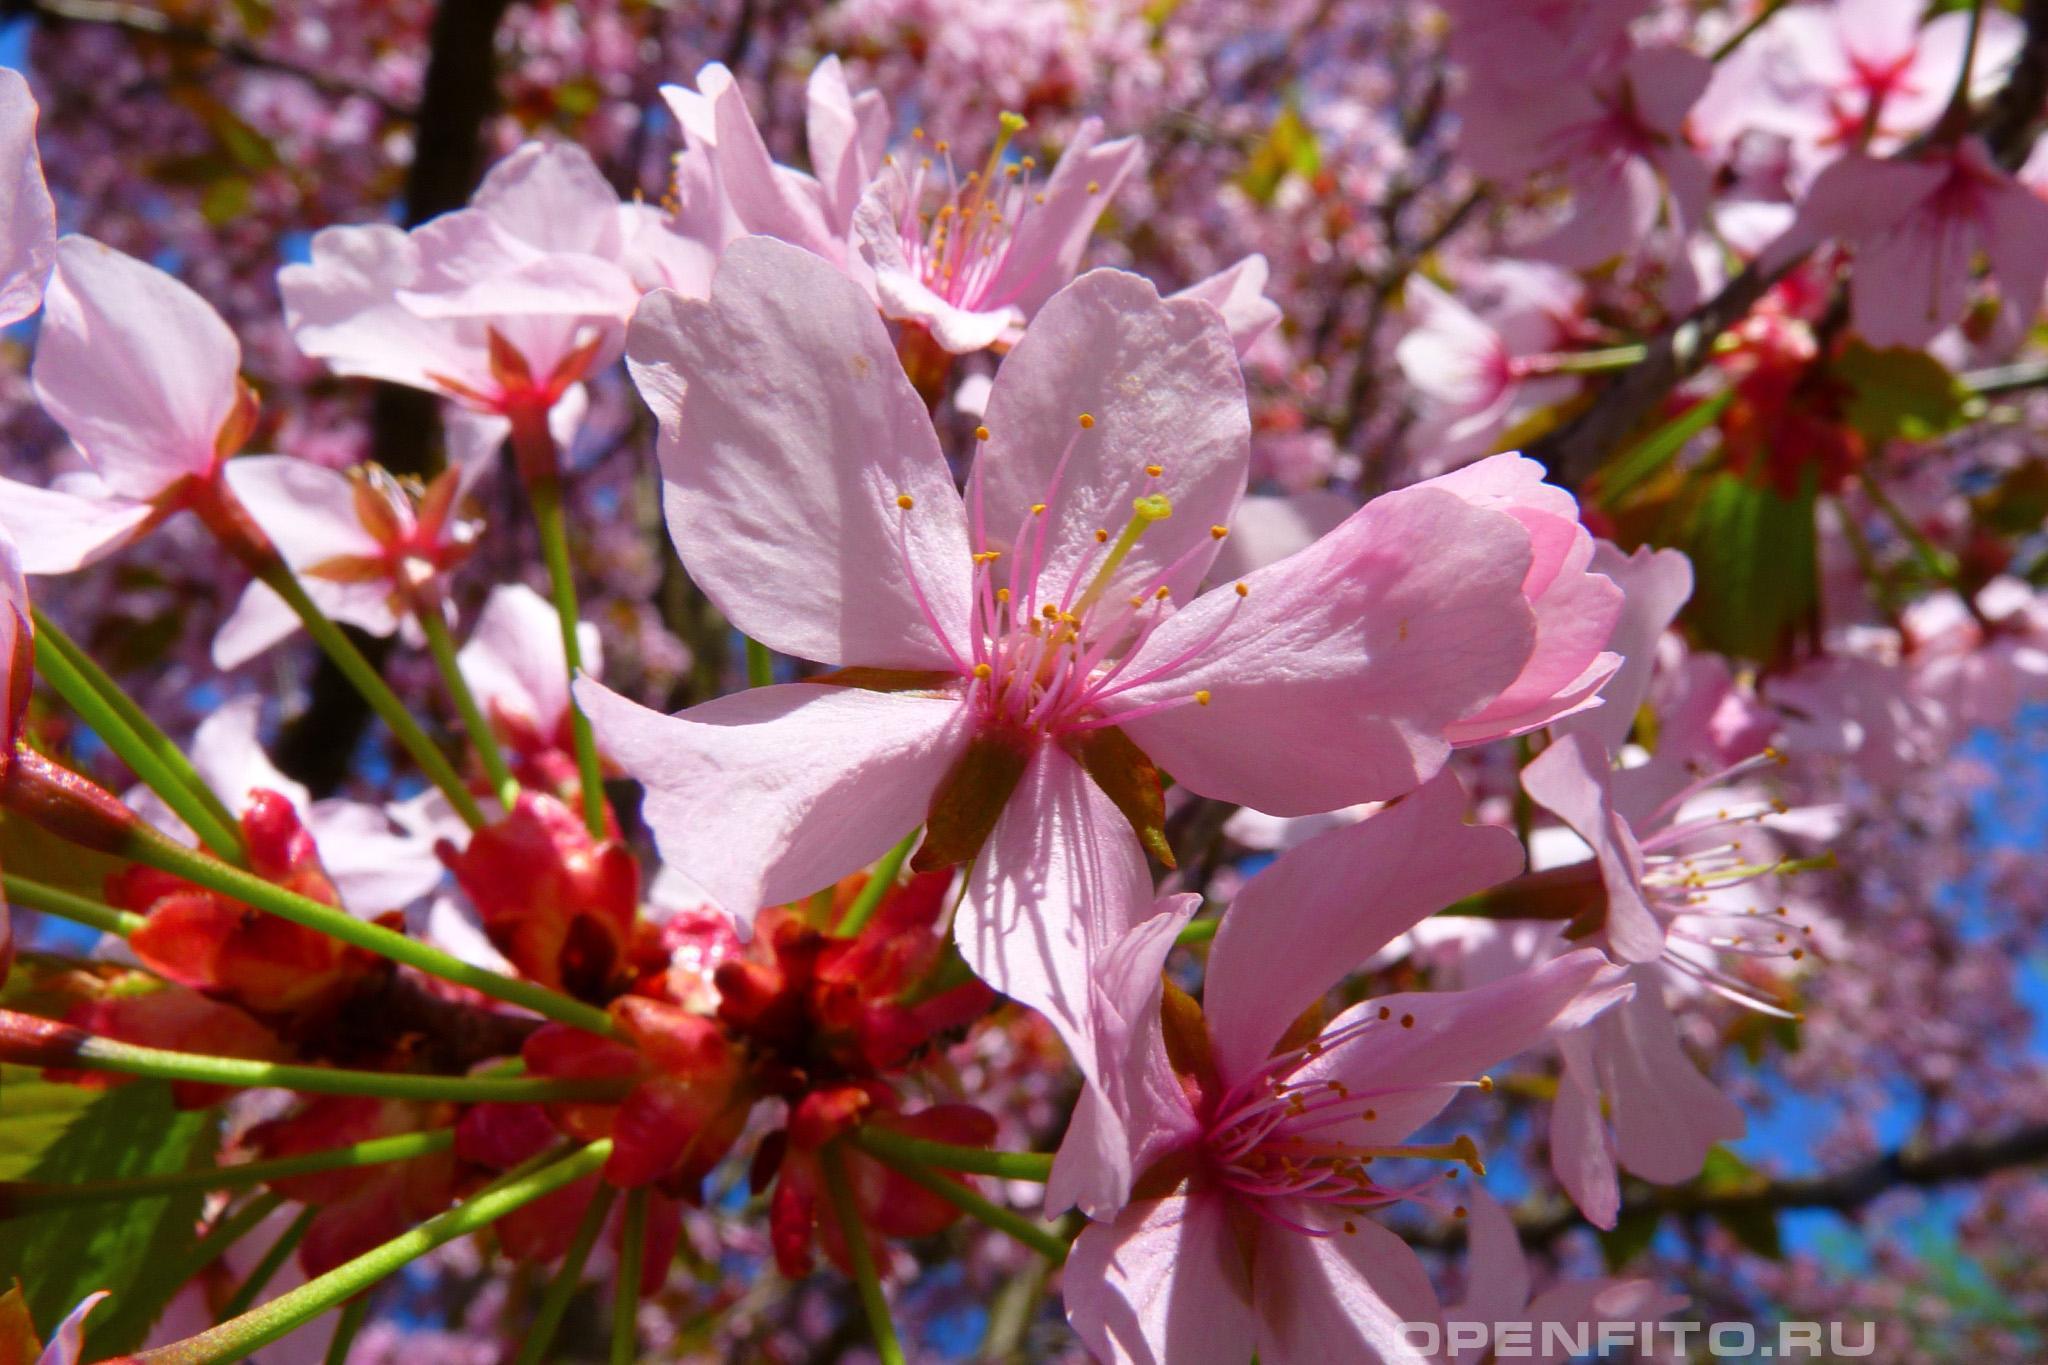 Слива вишненосная розовый цветок алычи (мирабель)